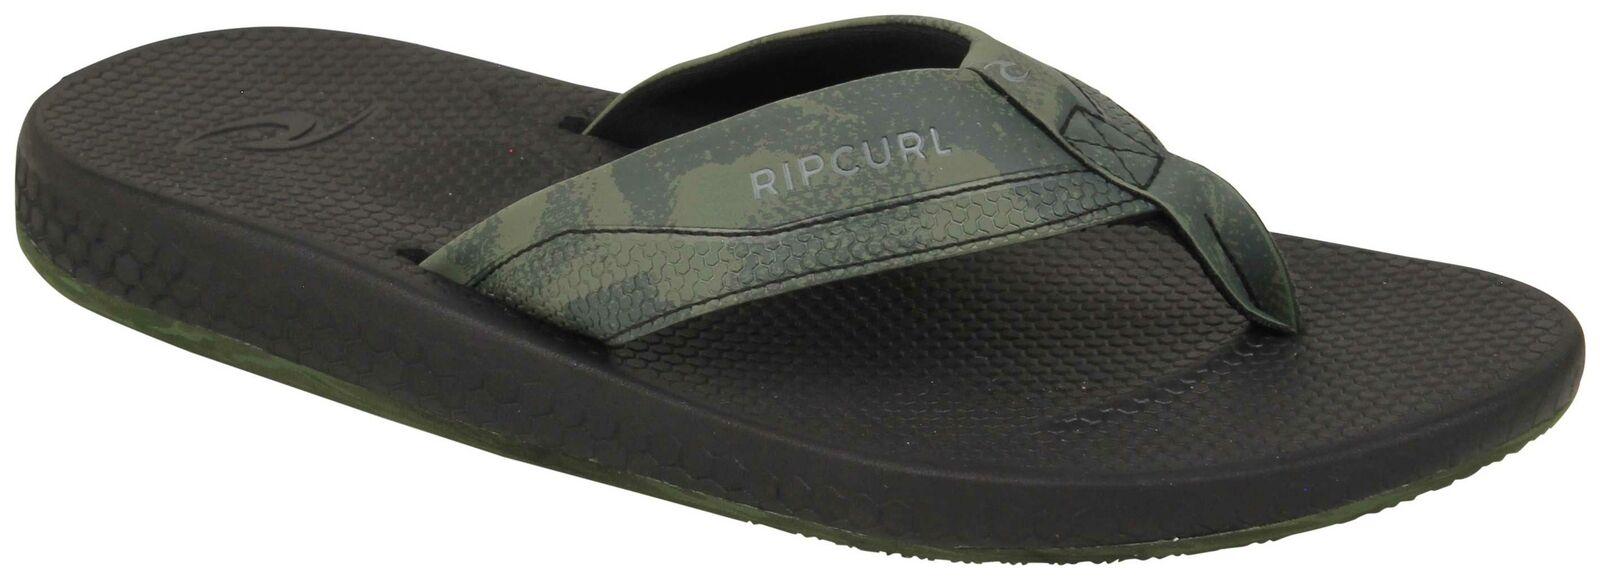 Sandale MerrellTelluride Bo Sandale Bo Strap MerrellTelluride Strap Sandale Strap MerrellTelluride Sandale Strap Bo MerrellTelluride m8vnON0wy